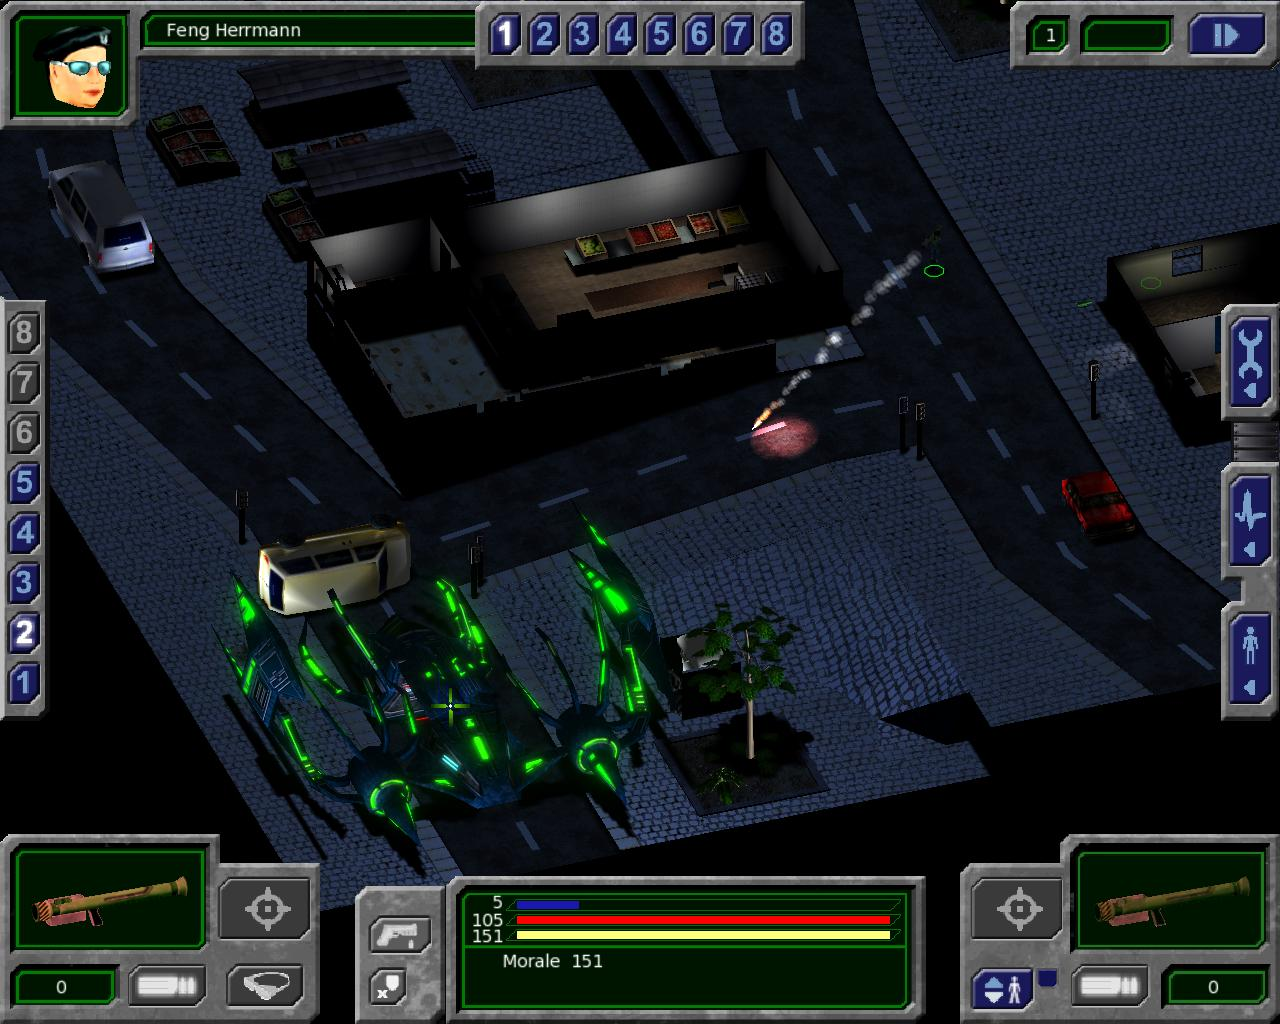 Erotic alien invasion game